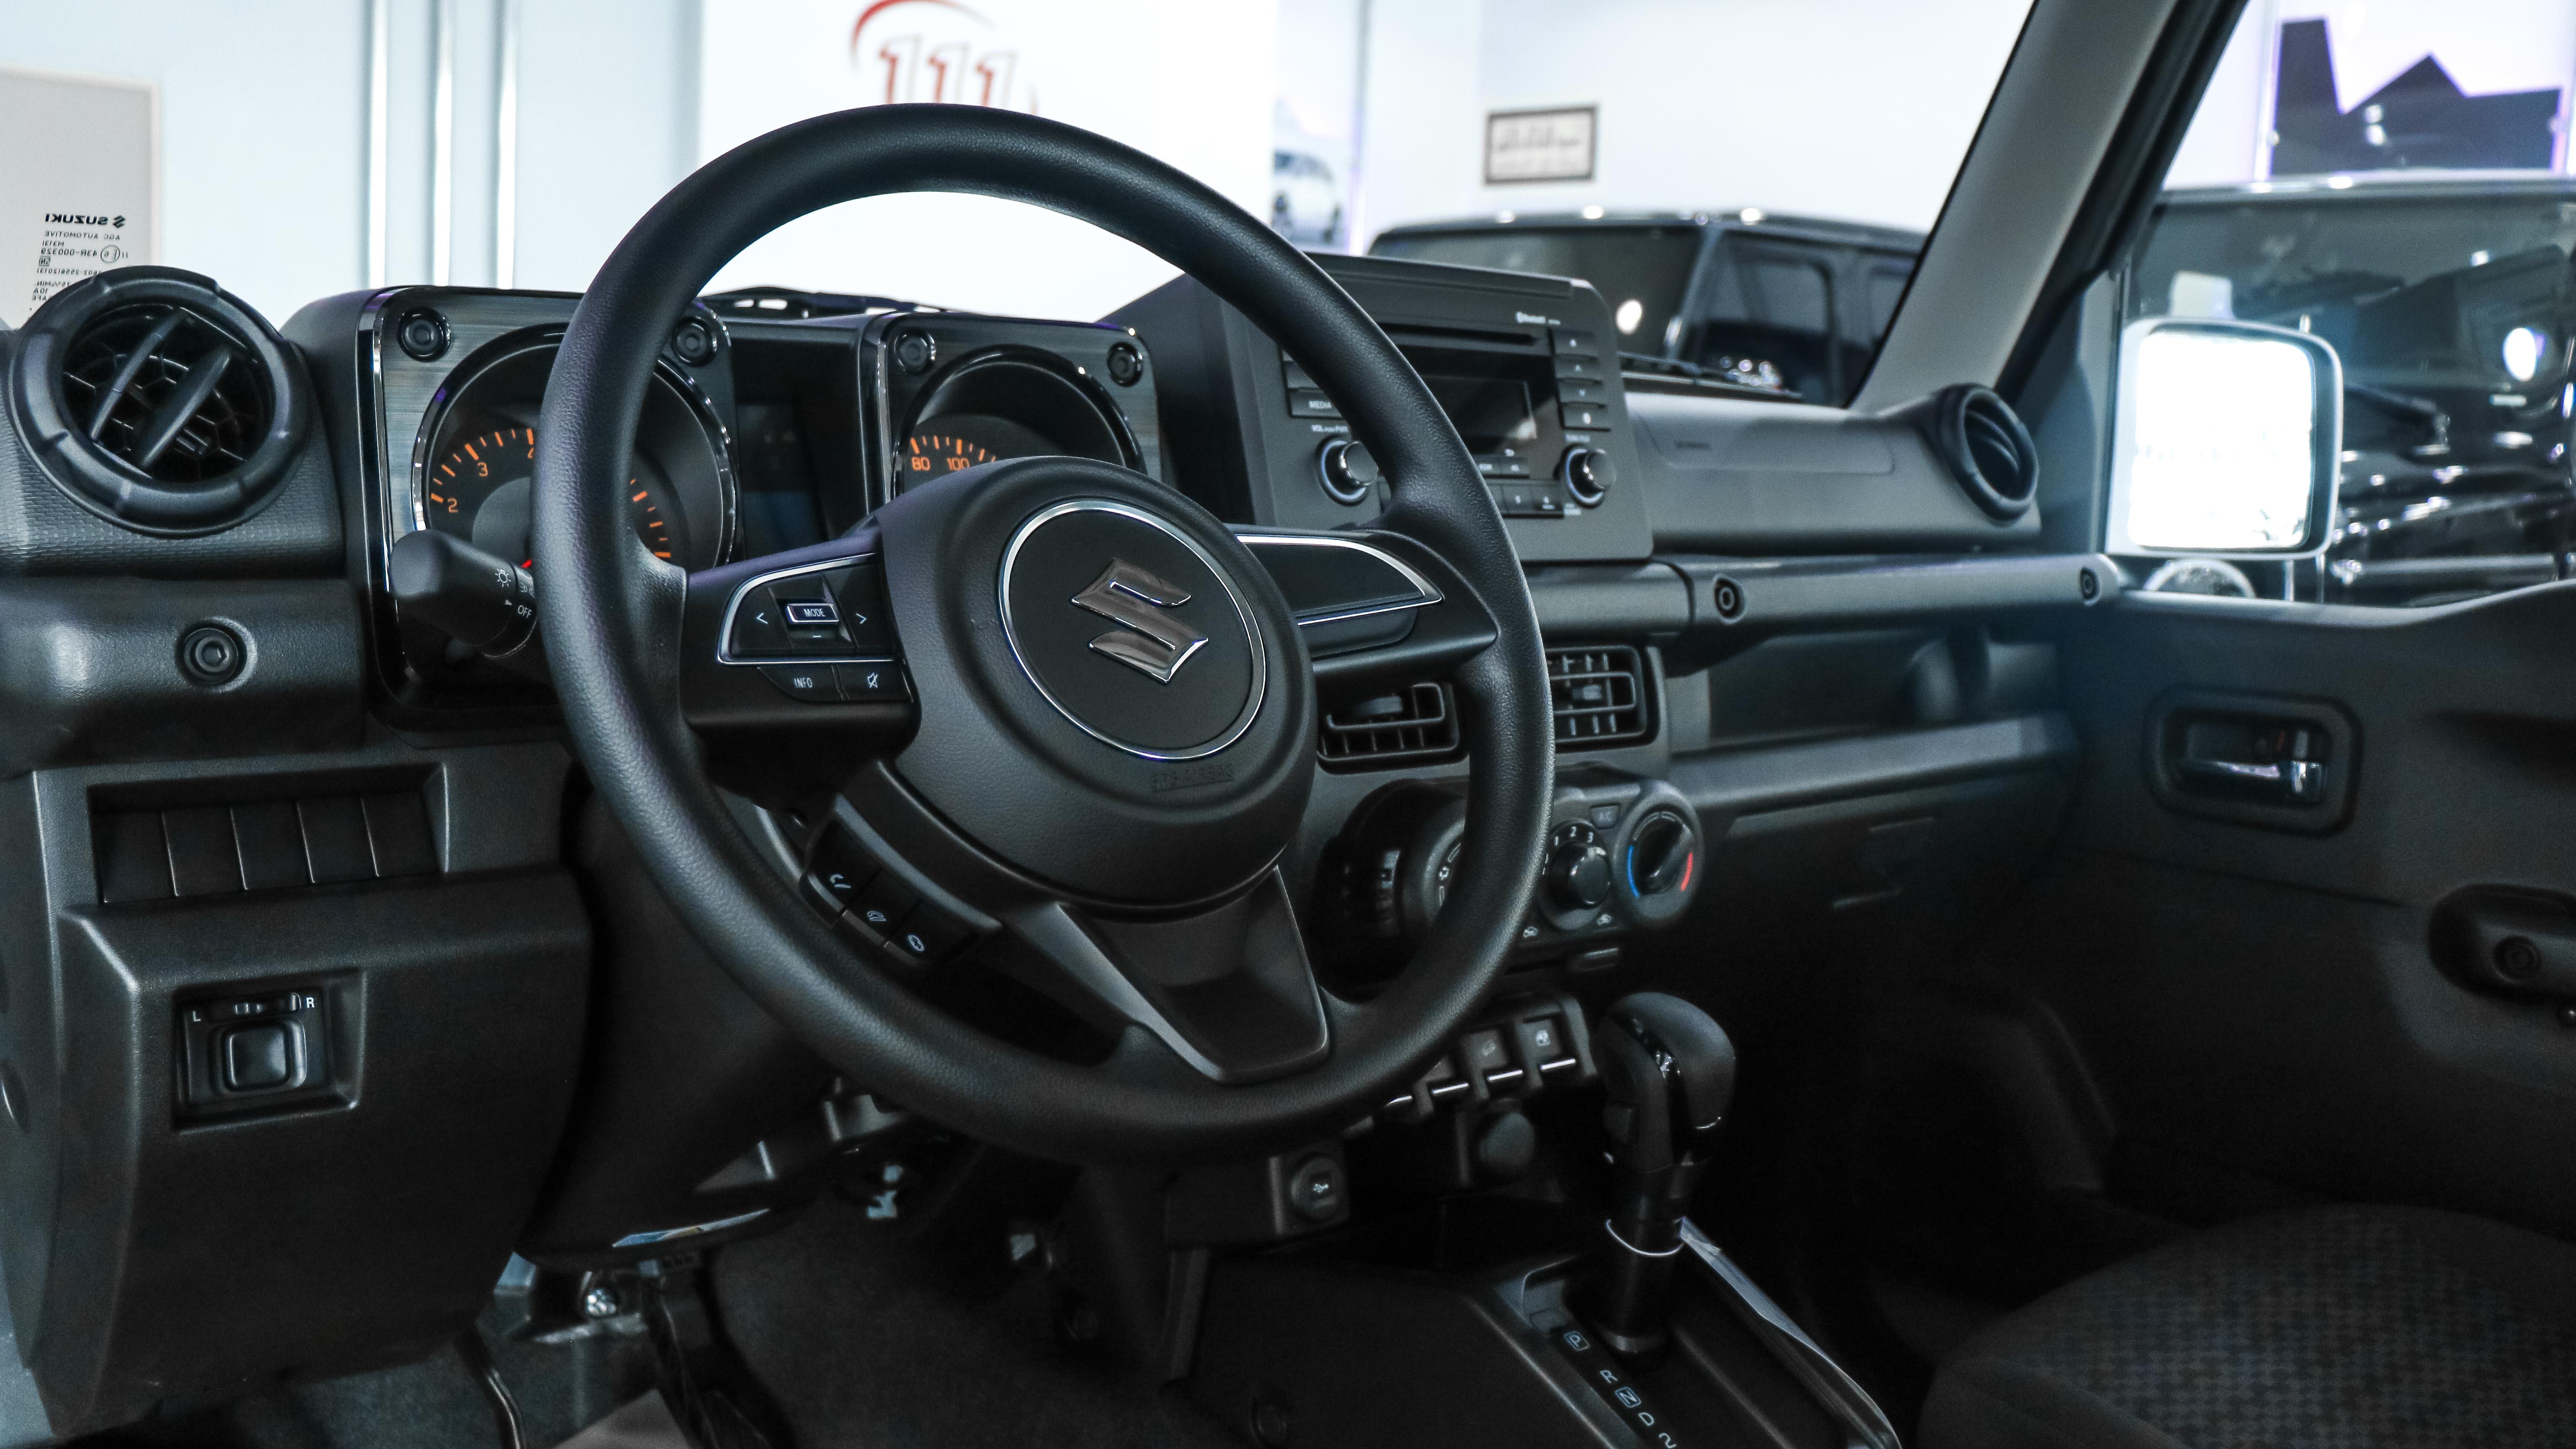 2020-Suzuki-Jimny-All-Grip-AT-GCC-04.jpg